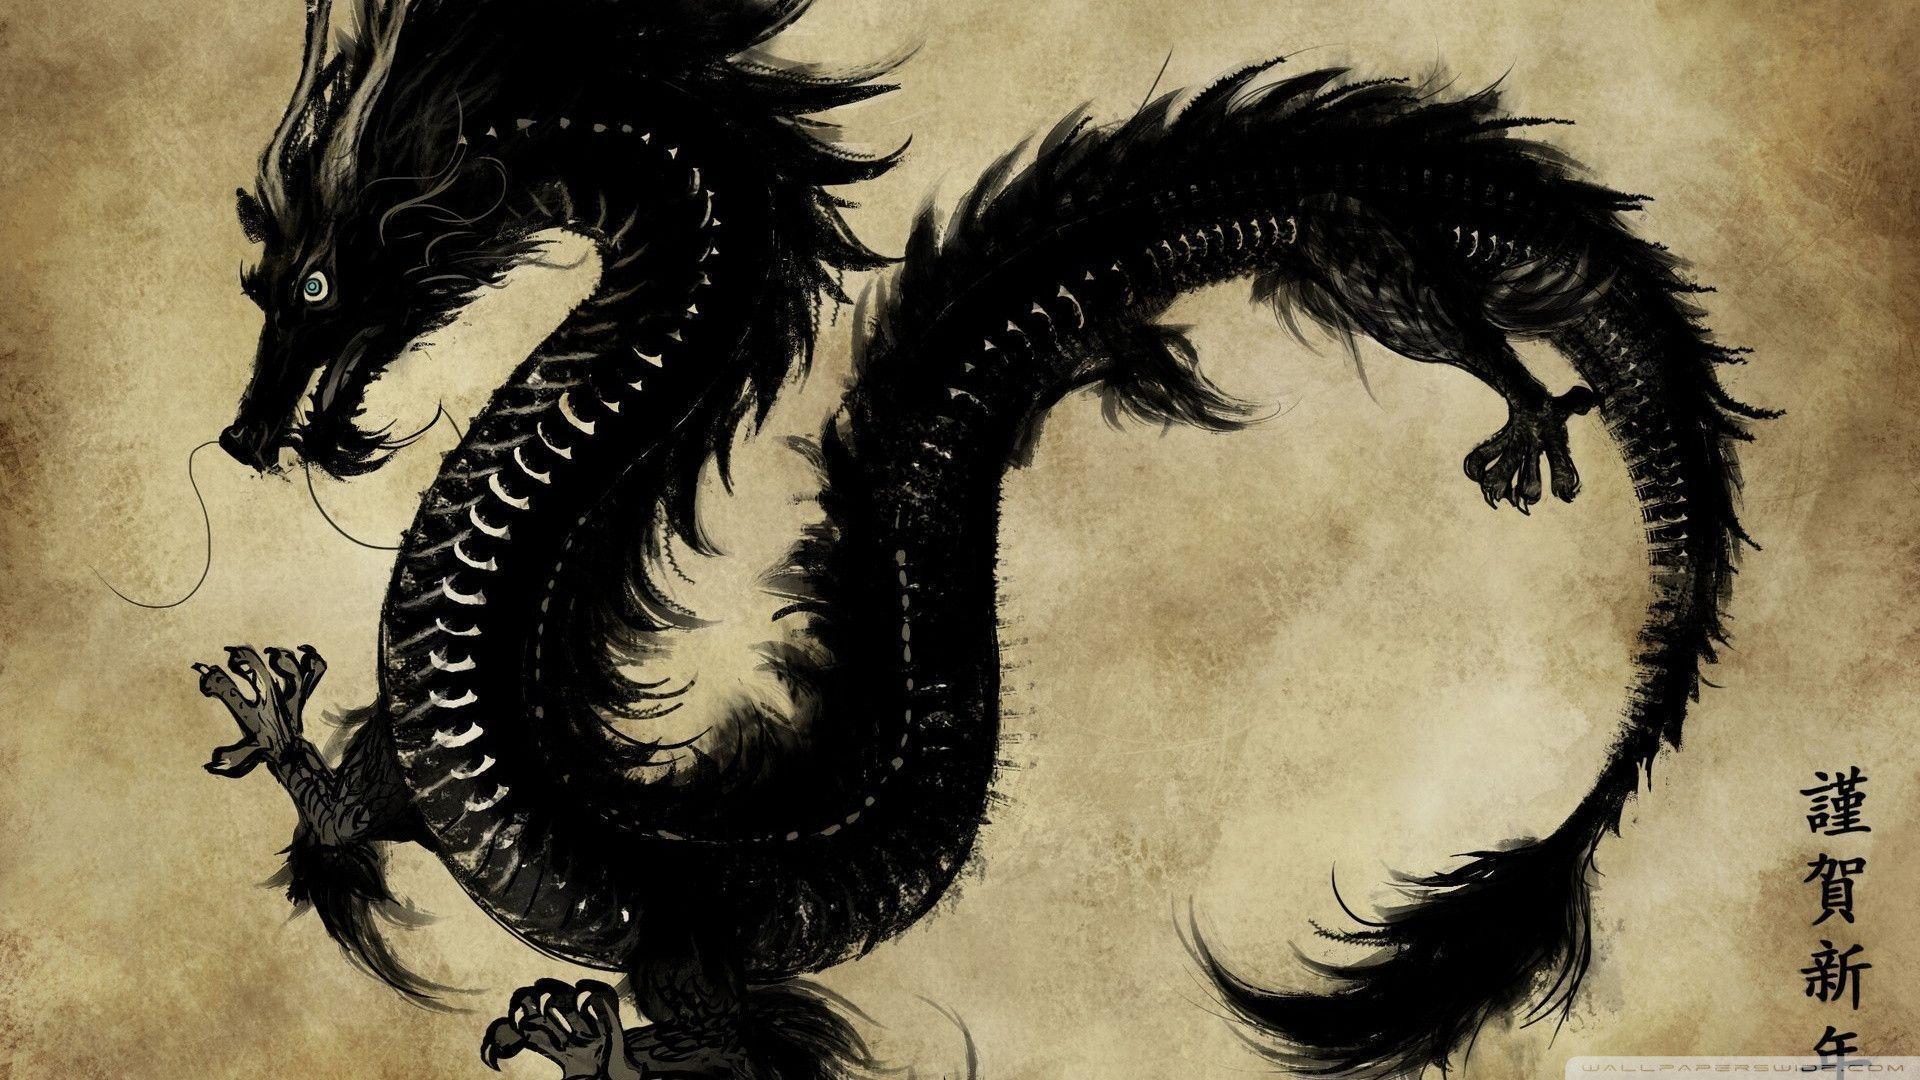 dragon tattoo hd wallpaper - photo #37